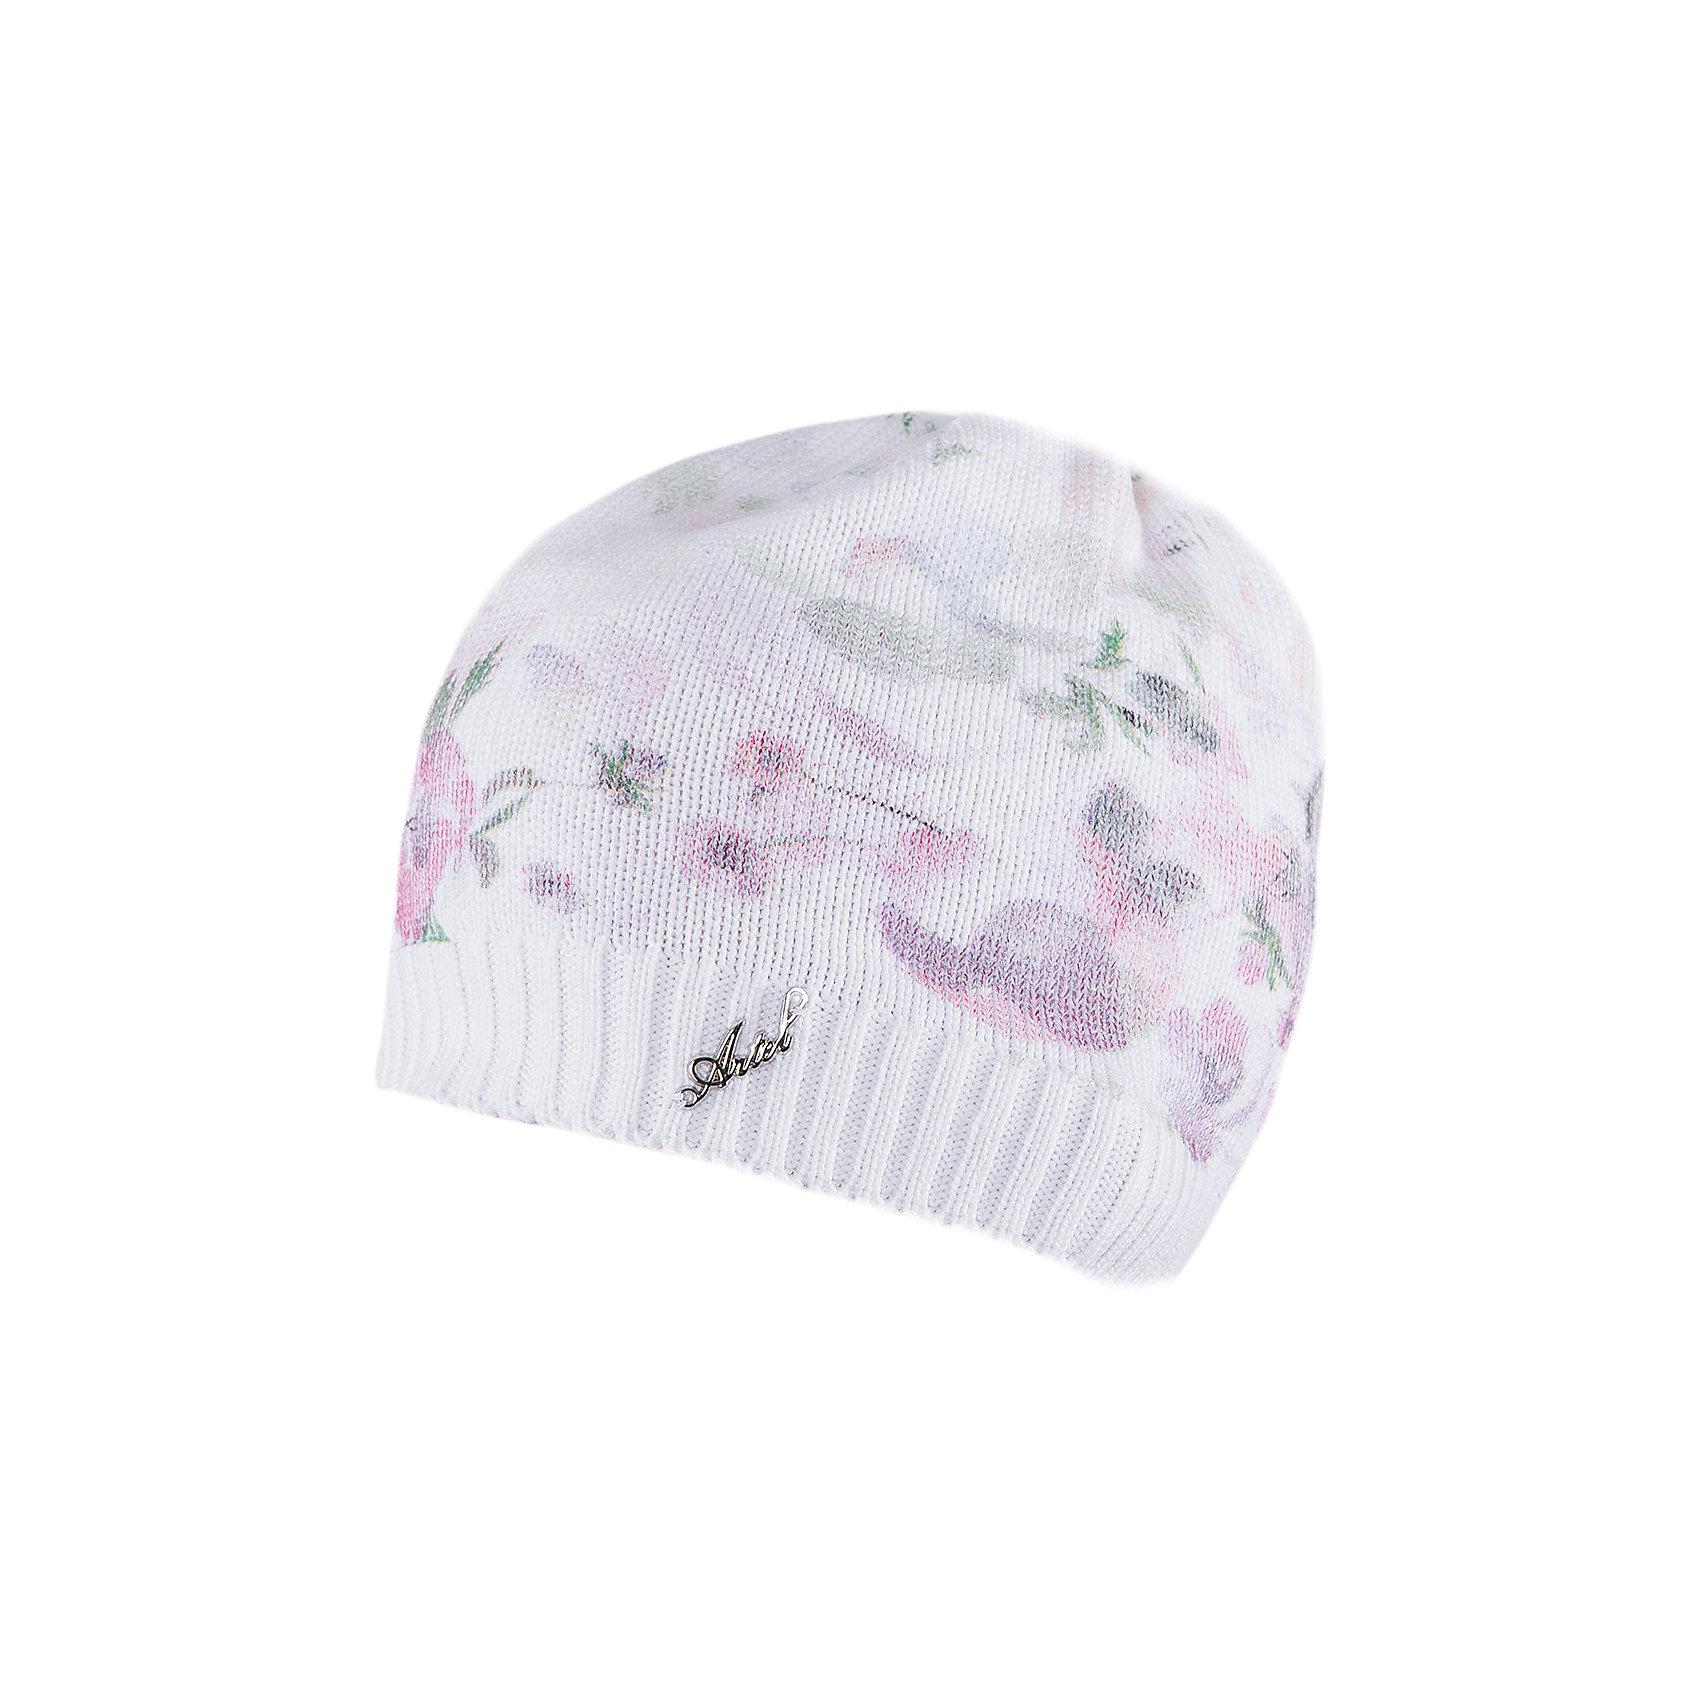 Шапка для девочки АртельШапка для девочки от торговой марки Артель <br><br>Стильная шапка отлично смотрится на детях и комфортно сидит. Эта модель создана специально для девочек. Изделие выполнено из качественных материалов. Смешанный состав пряжи обеспечит износостойкость и удобство. Отличный вариант для переменной погоды межсезонья! <br>Одежда от бренда Артель – это высокое качество по приемлемой цене и всегда продуманный дизайн. <br><br>Особенности модели: <br>- цвет — белый; <br>- украшена цветочным принтом; <br>- пряжа смешанного состава. <br><br>Дополнительная информация: <br><br>Состав: 50% хлопок, 50% пан.<br><br><br>Температурный режим: <br>от -10 °C до +10 °C <br><br>Шапку для девочки Артель (Artel) можно купить в нашем магазине.<br><br>Ширина мм: 89<br>Глубина мм: 117<br>Высота мм: 44<br>Вес г: 155<br>Цвет: белый<br>Возраст от месяцев: 96<br>Возраст до месяцев: 108<br>Пол: Женский<br>Возраст: Детский<br>Размер: 56,52,54,50<br>SKU: 4500349